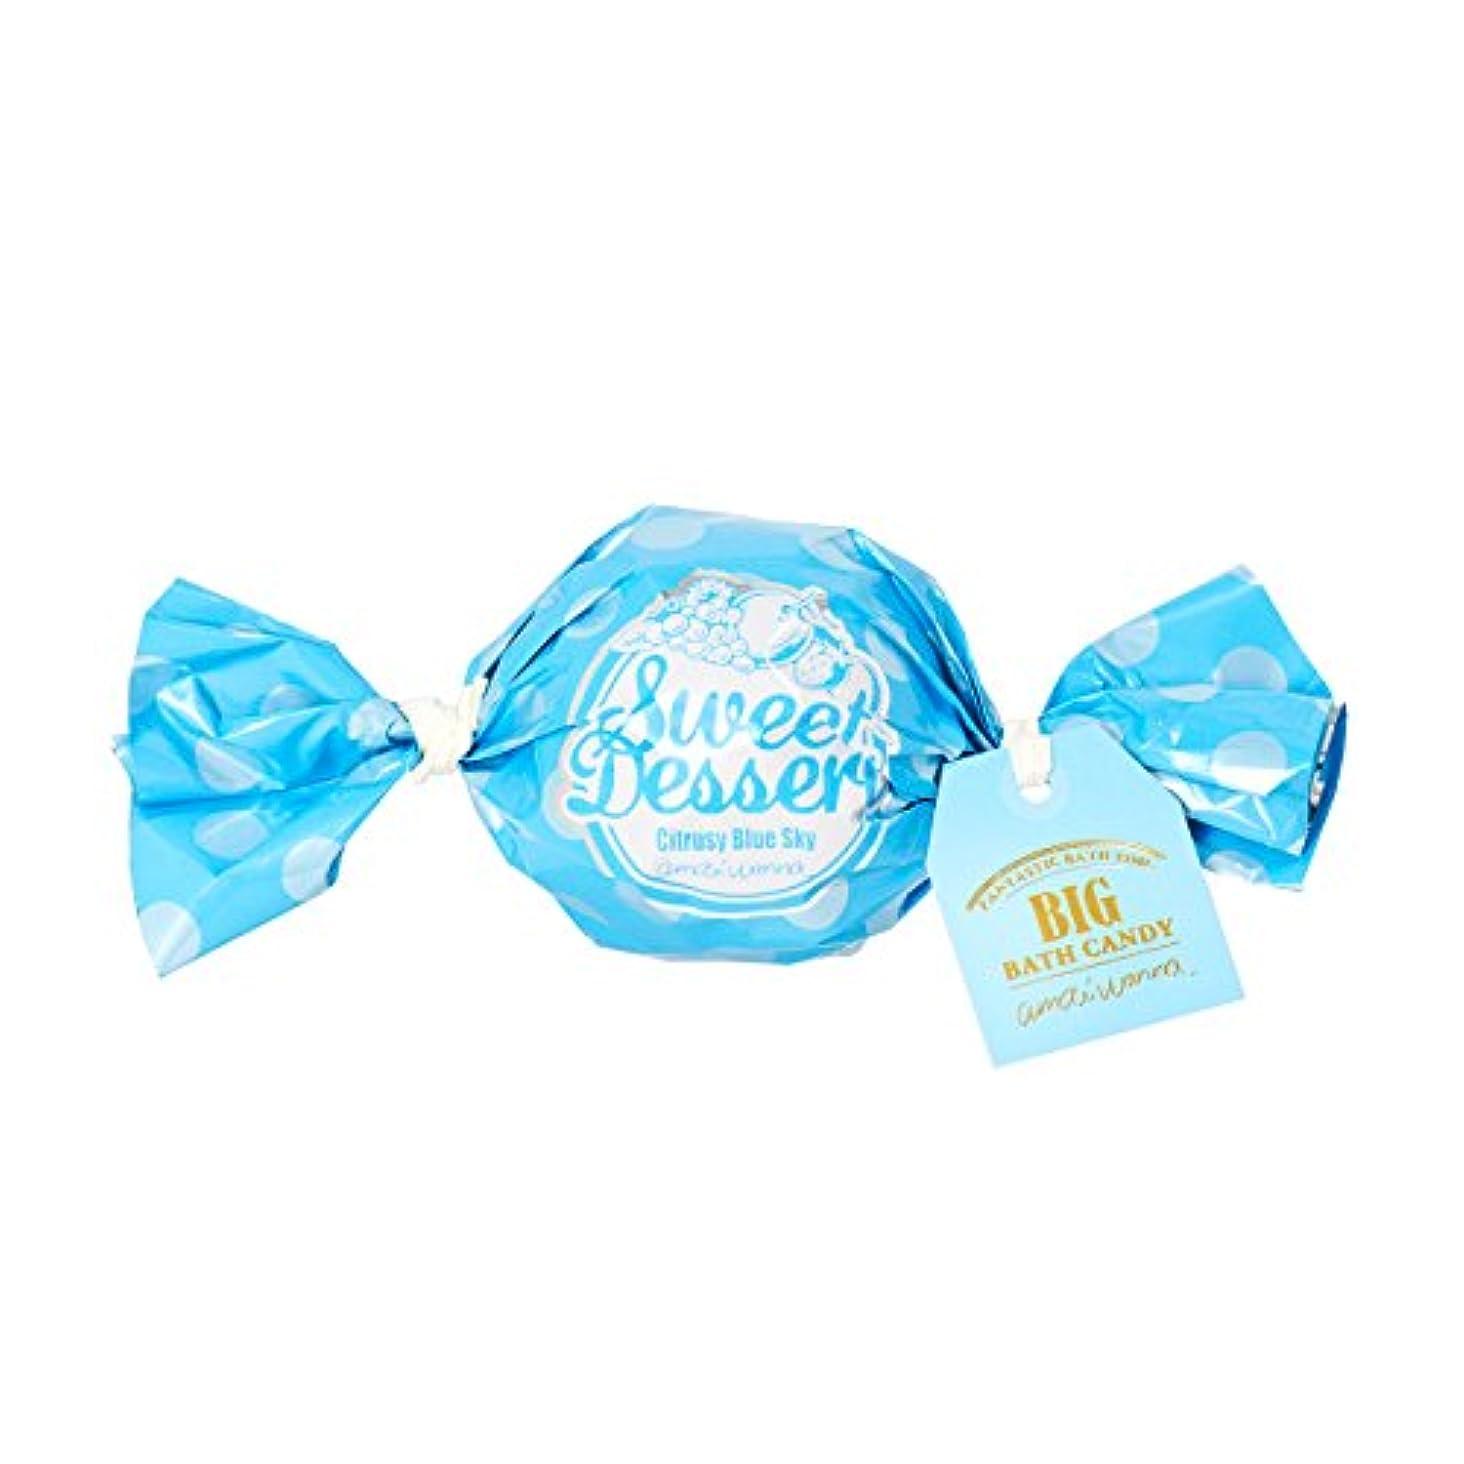 パネルフィヨルドバスタブアマイワナ ビッグバスキャンディー 青空シトラス 100g(発泡タイプ入浴料 おおらかで凛としたシトラスの香り)